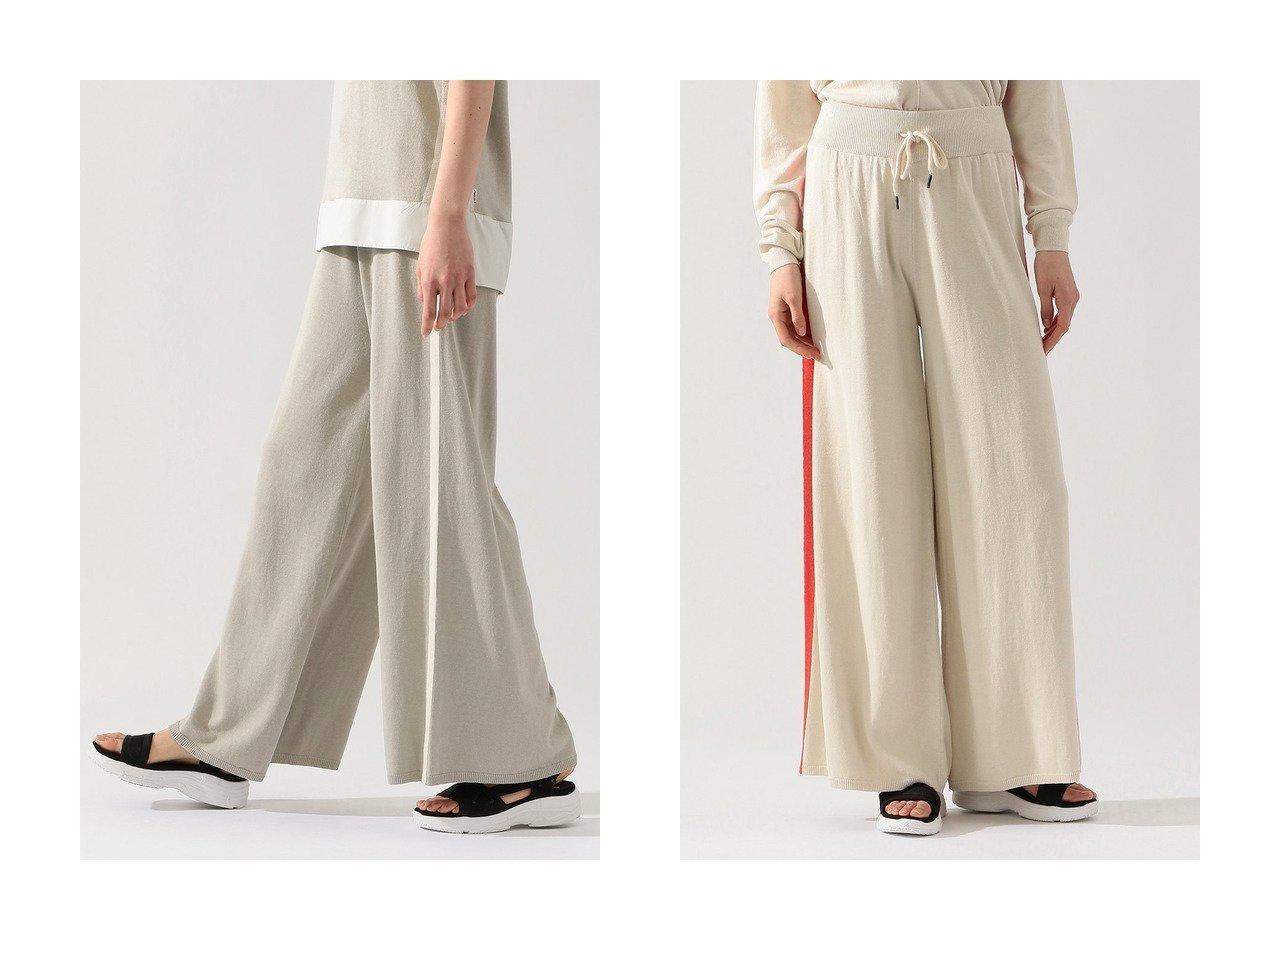 【ECOALF/エコアルフ】のBLACK ラインニットパンツ BLACK PANTS WOMAN 【パンツ】おすすめ!人気、トレンド・レディースファッションの通販 おすすめで人気の流行・トレンド、ファッションの通販商品 インテリア・家具・メンズファッション・キッズファッション・レディースファッション・服の通販 founy(ファニー) https://founy.com/ ファッション Fashion レディースファッション WOMEN パンツ Pants ワイド |ID:crp329100000053413